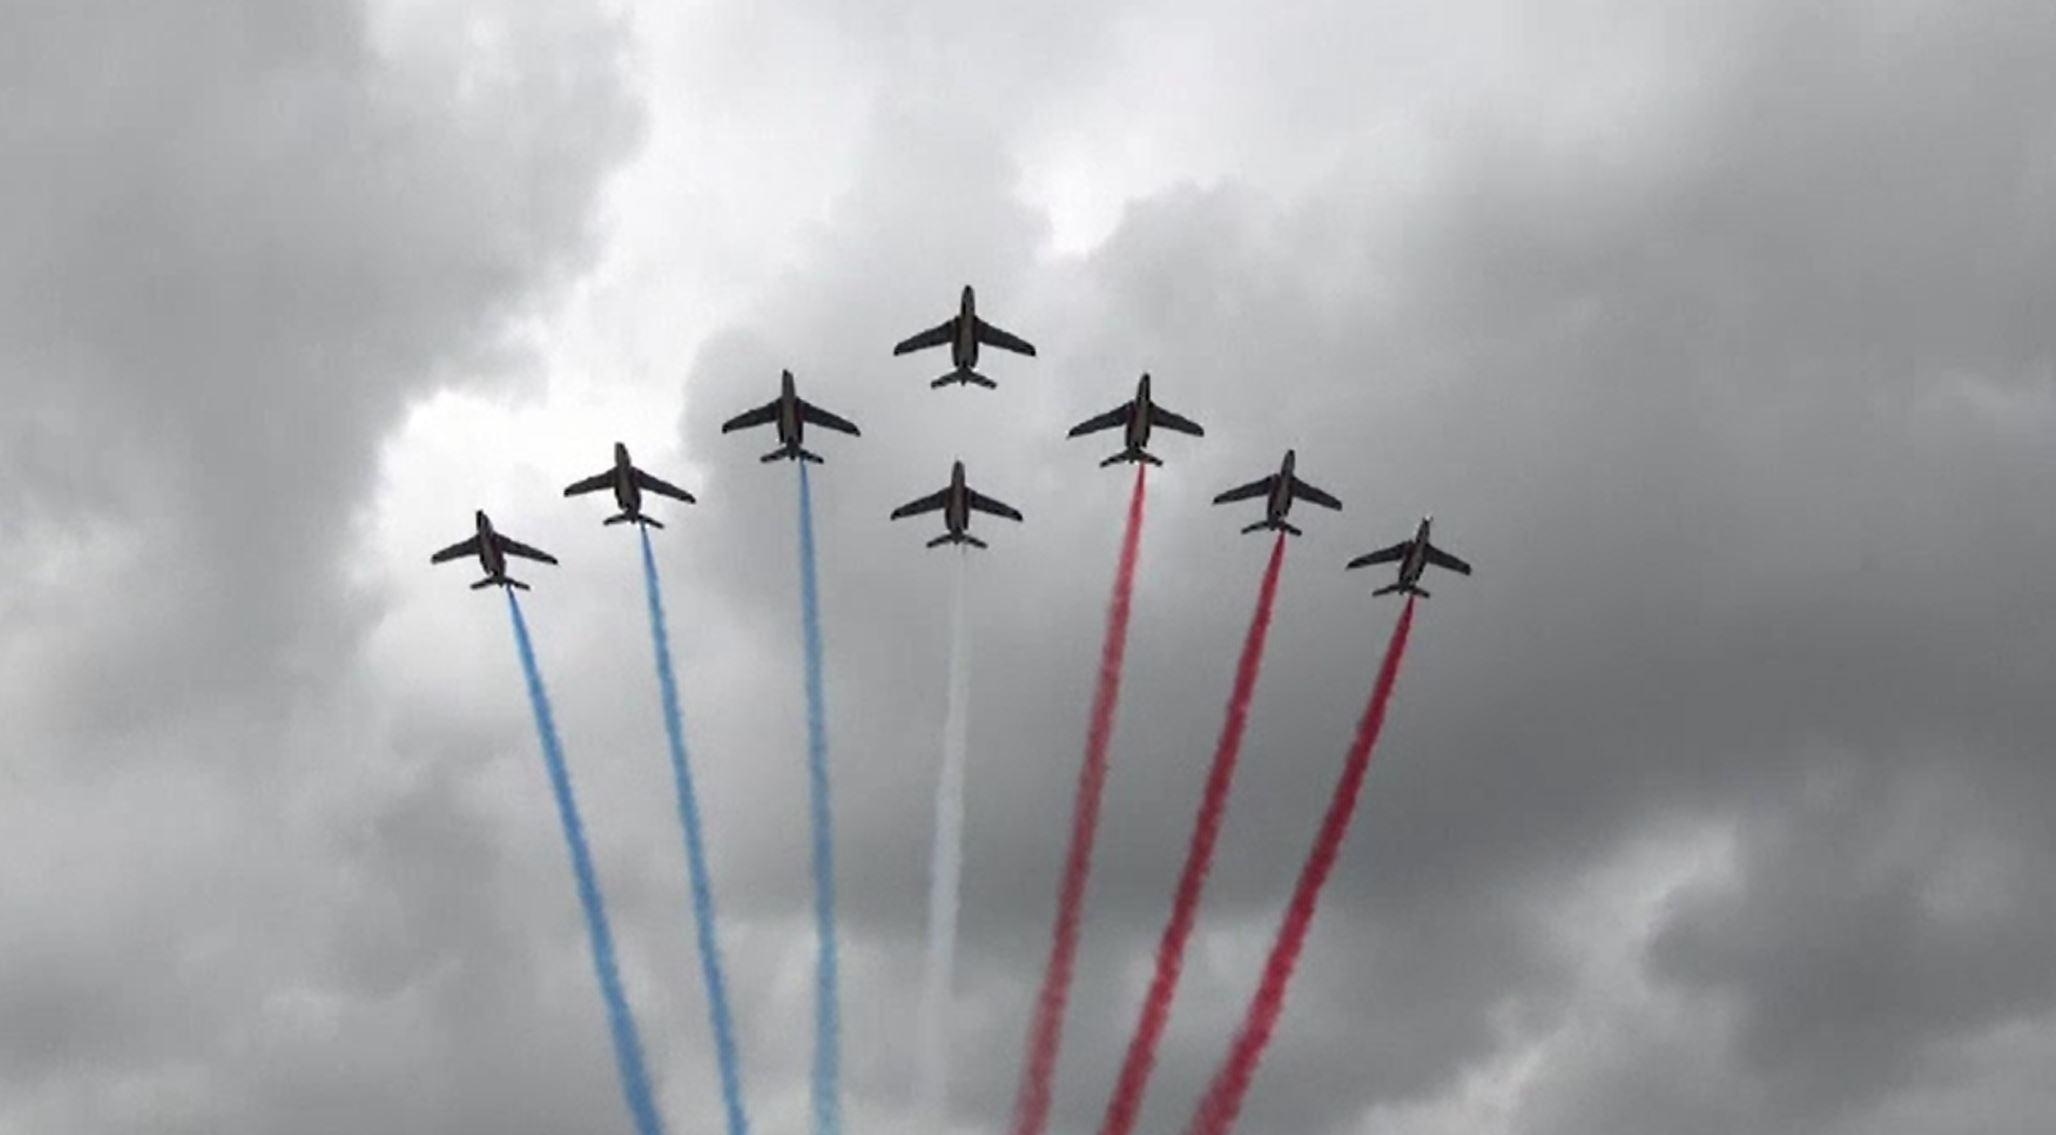 Pregătiri intense în Franța, pentru parada organizată de Ziua Națională. Autoritățile promit o ceremonie grandioasă